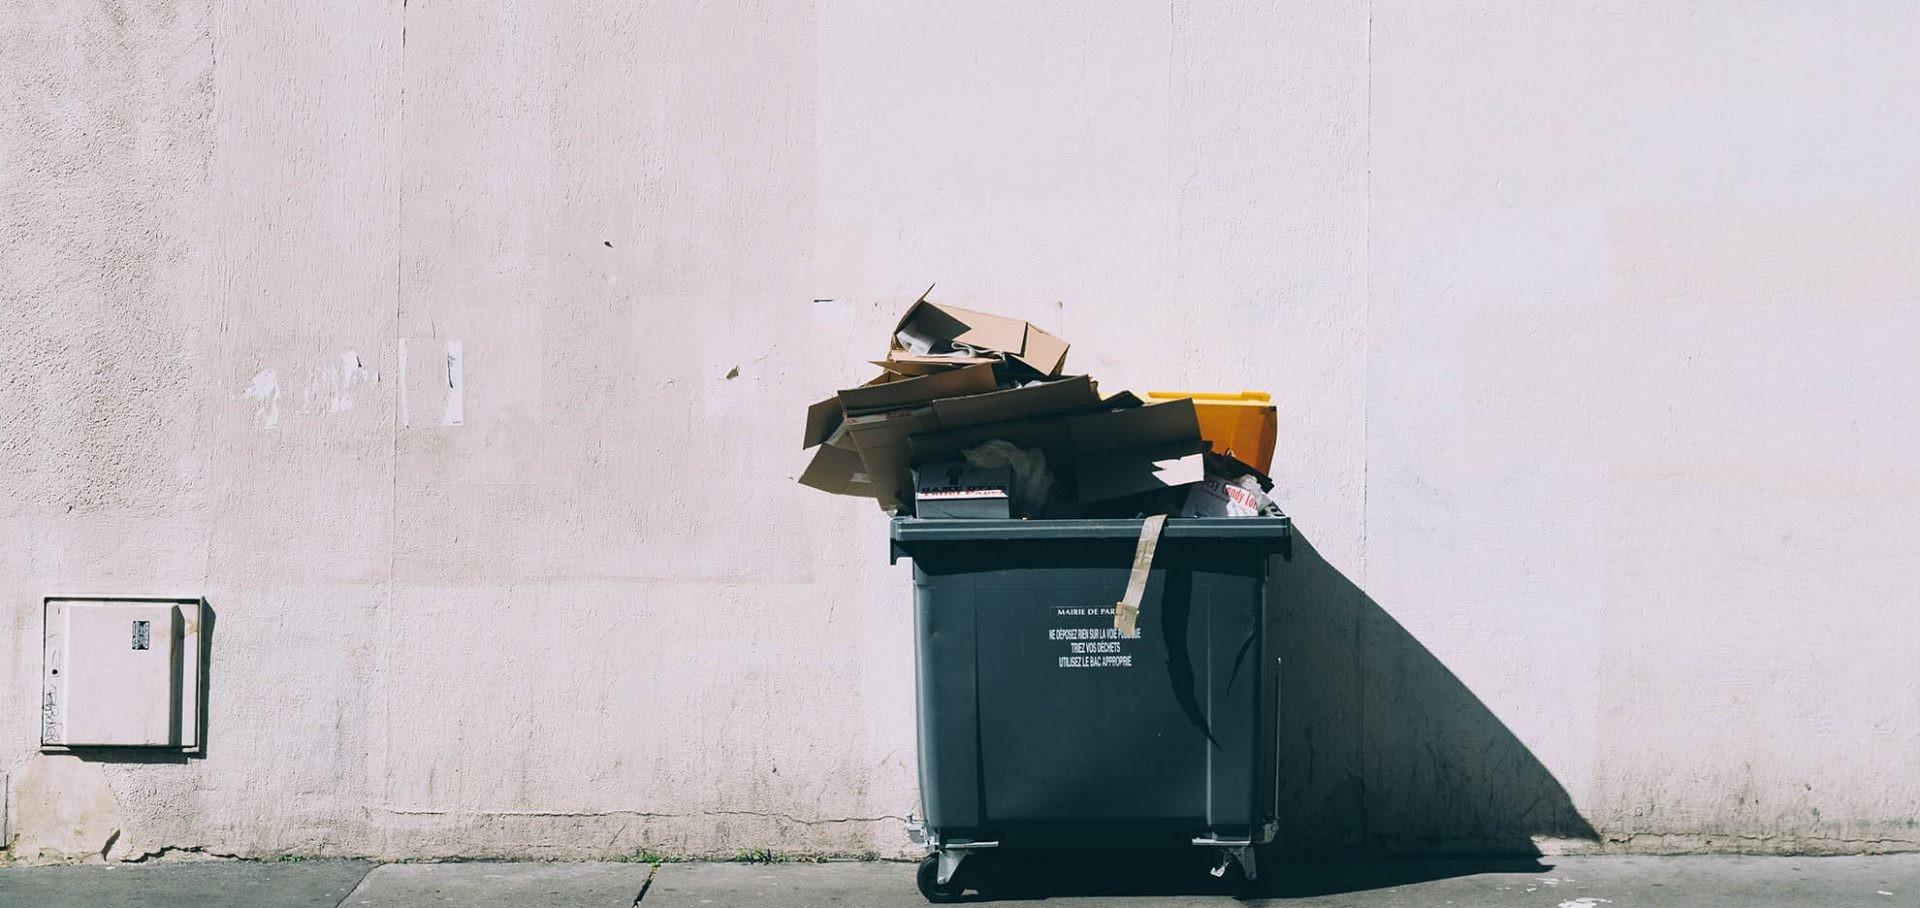 Los sistemas inteligentes de recogida de residuos urbanos se presentan como una solución para mejorar la gestión de las ciudades.